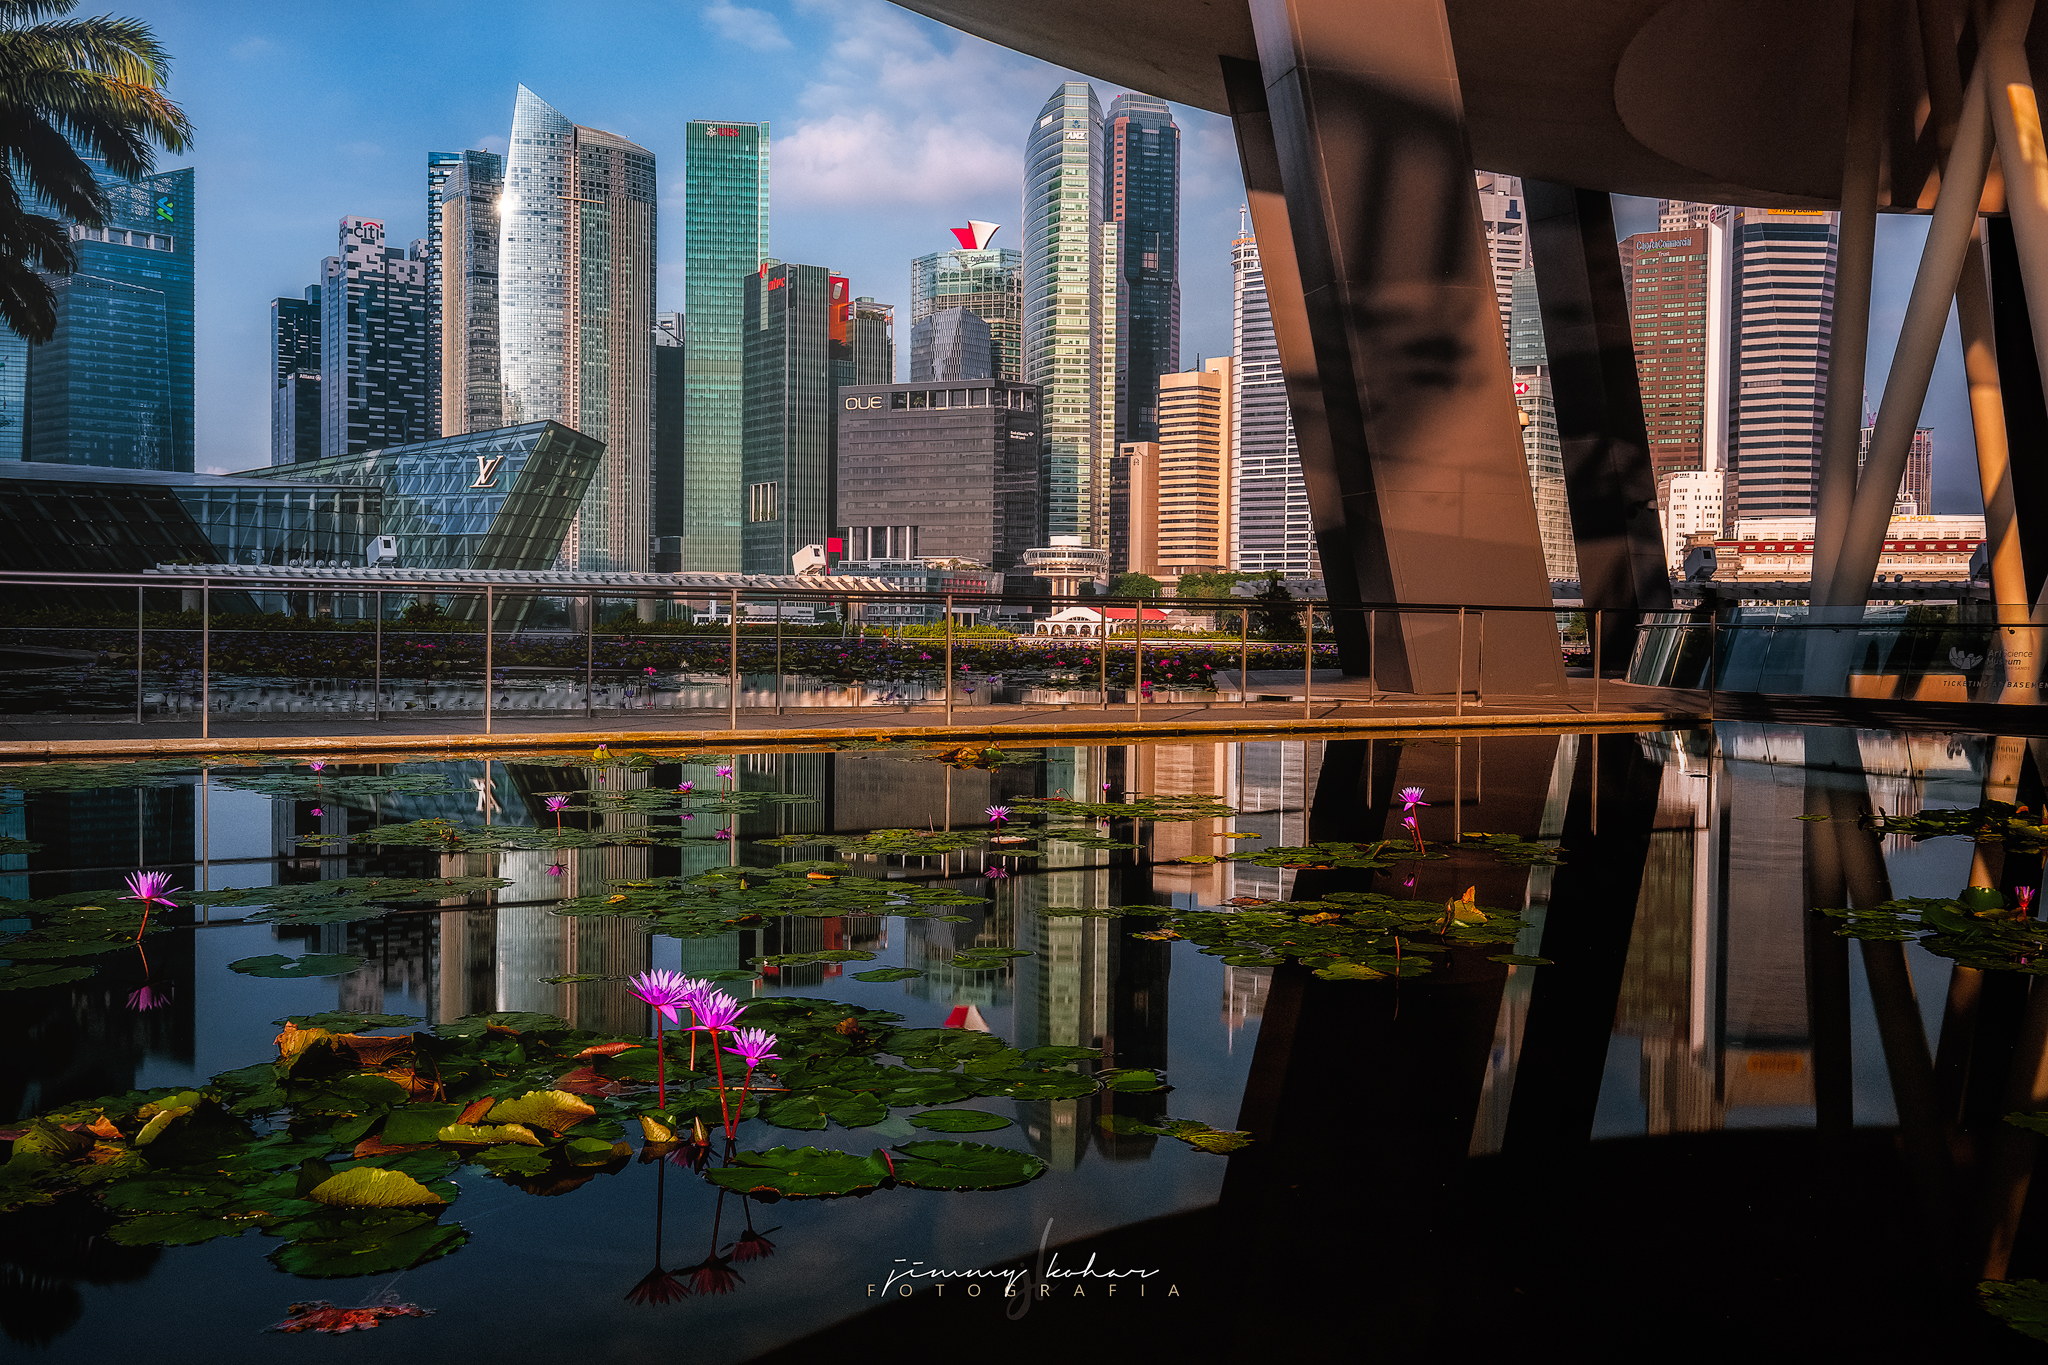 Lotus Pond of the ArtScience Museum Singapore, Singapore